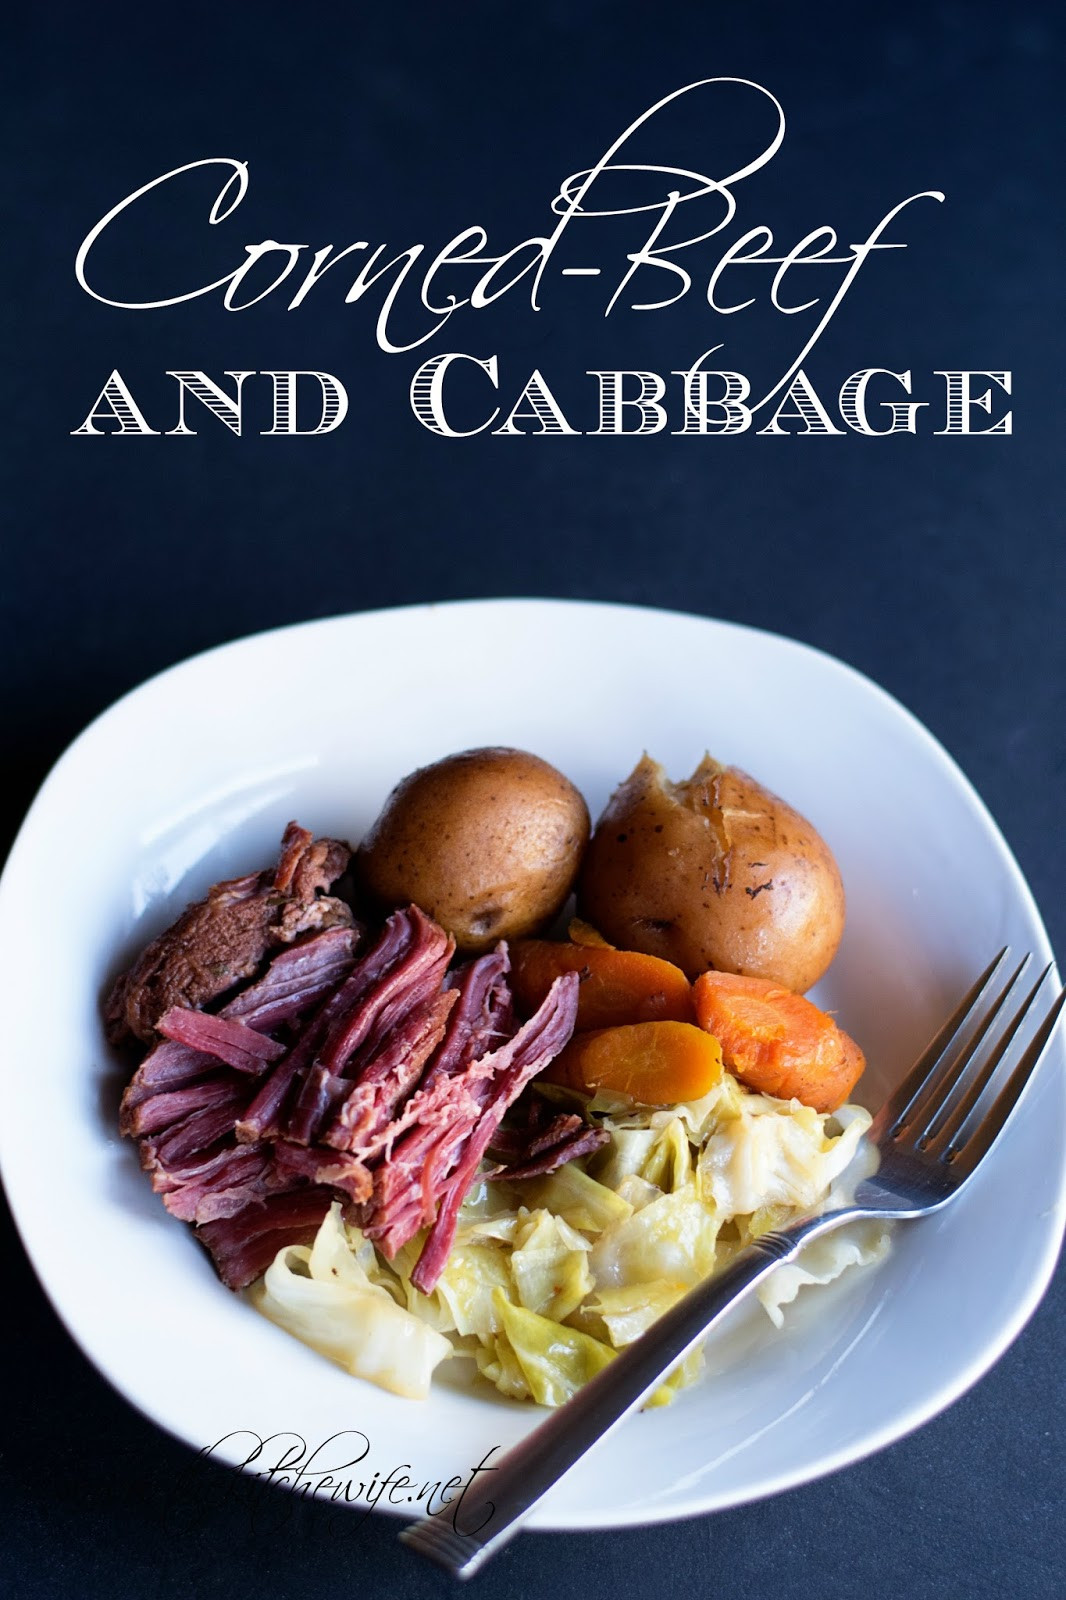 Crock Pot Corn Beef And Cabbage Recipes  Crock Pot Corned Beef and Cabbage Recipe The Kitchen Wife